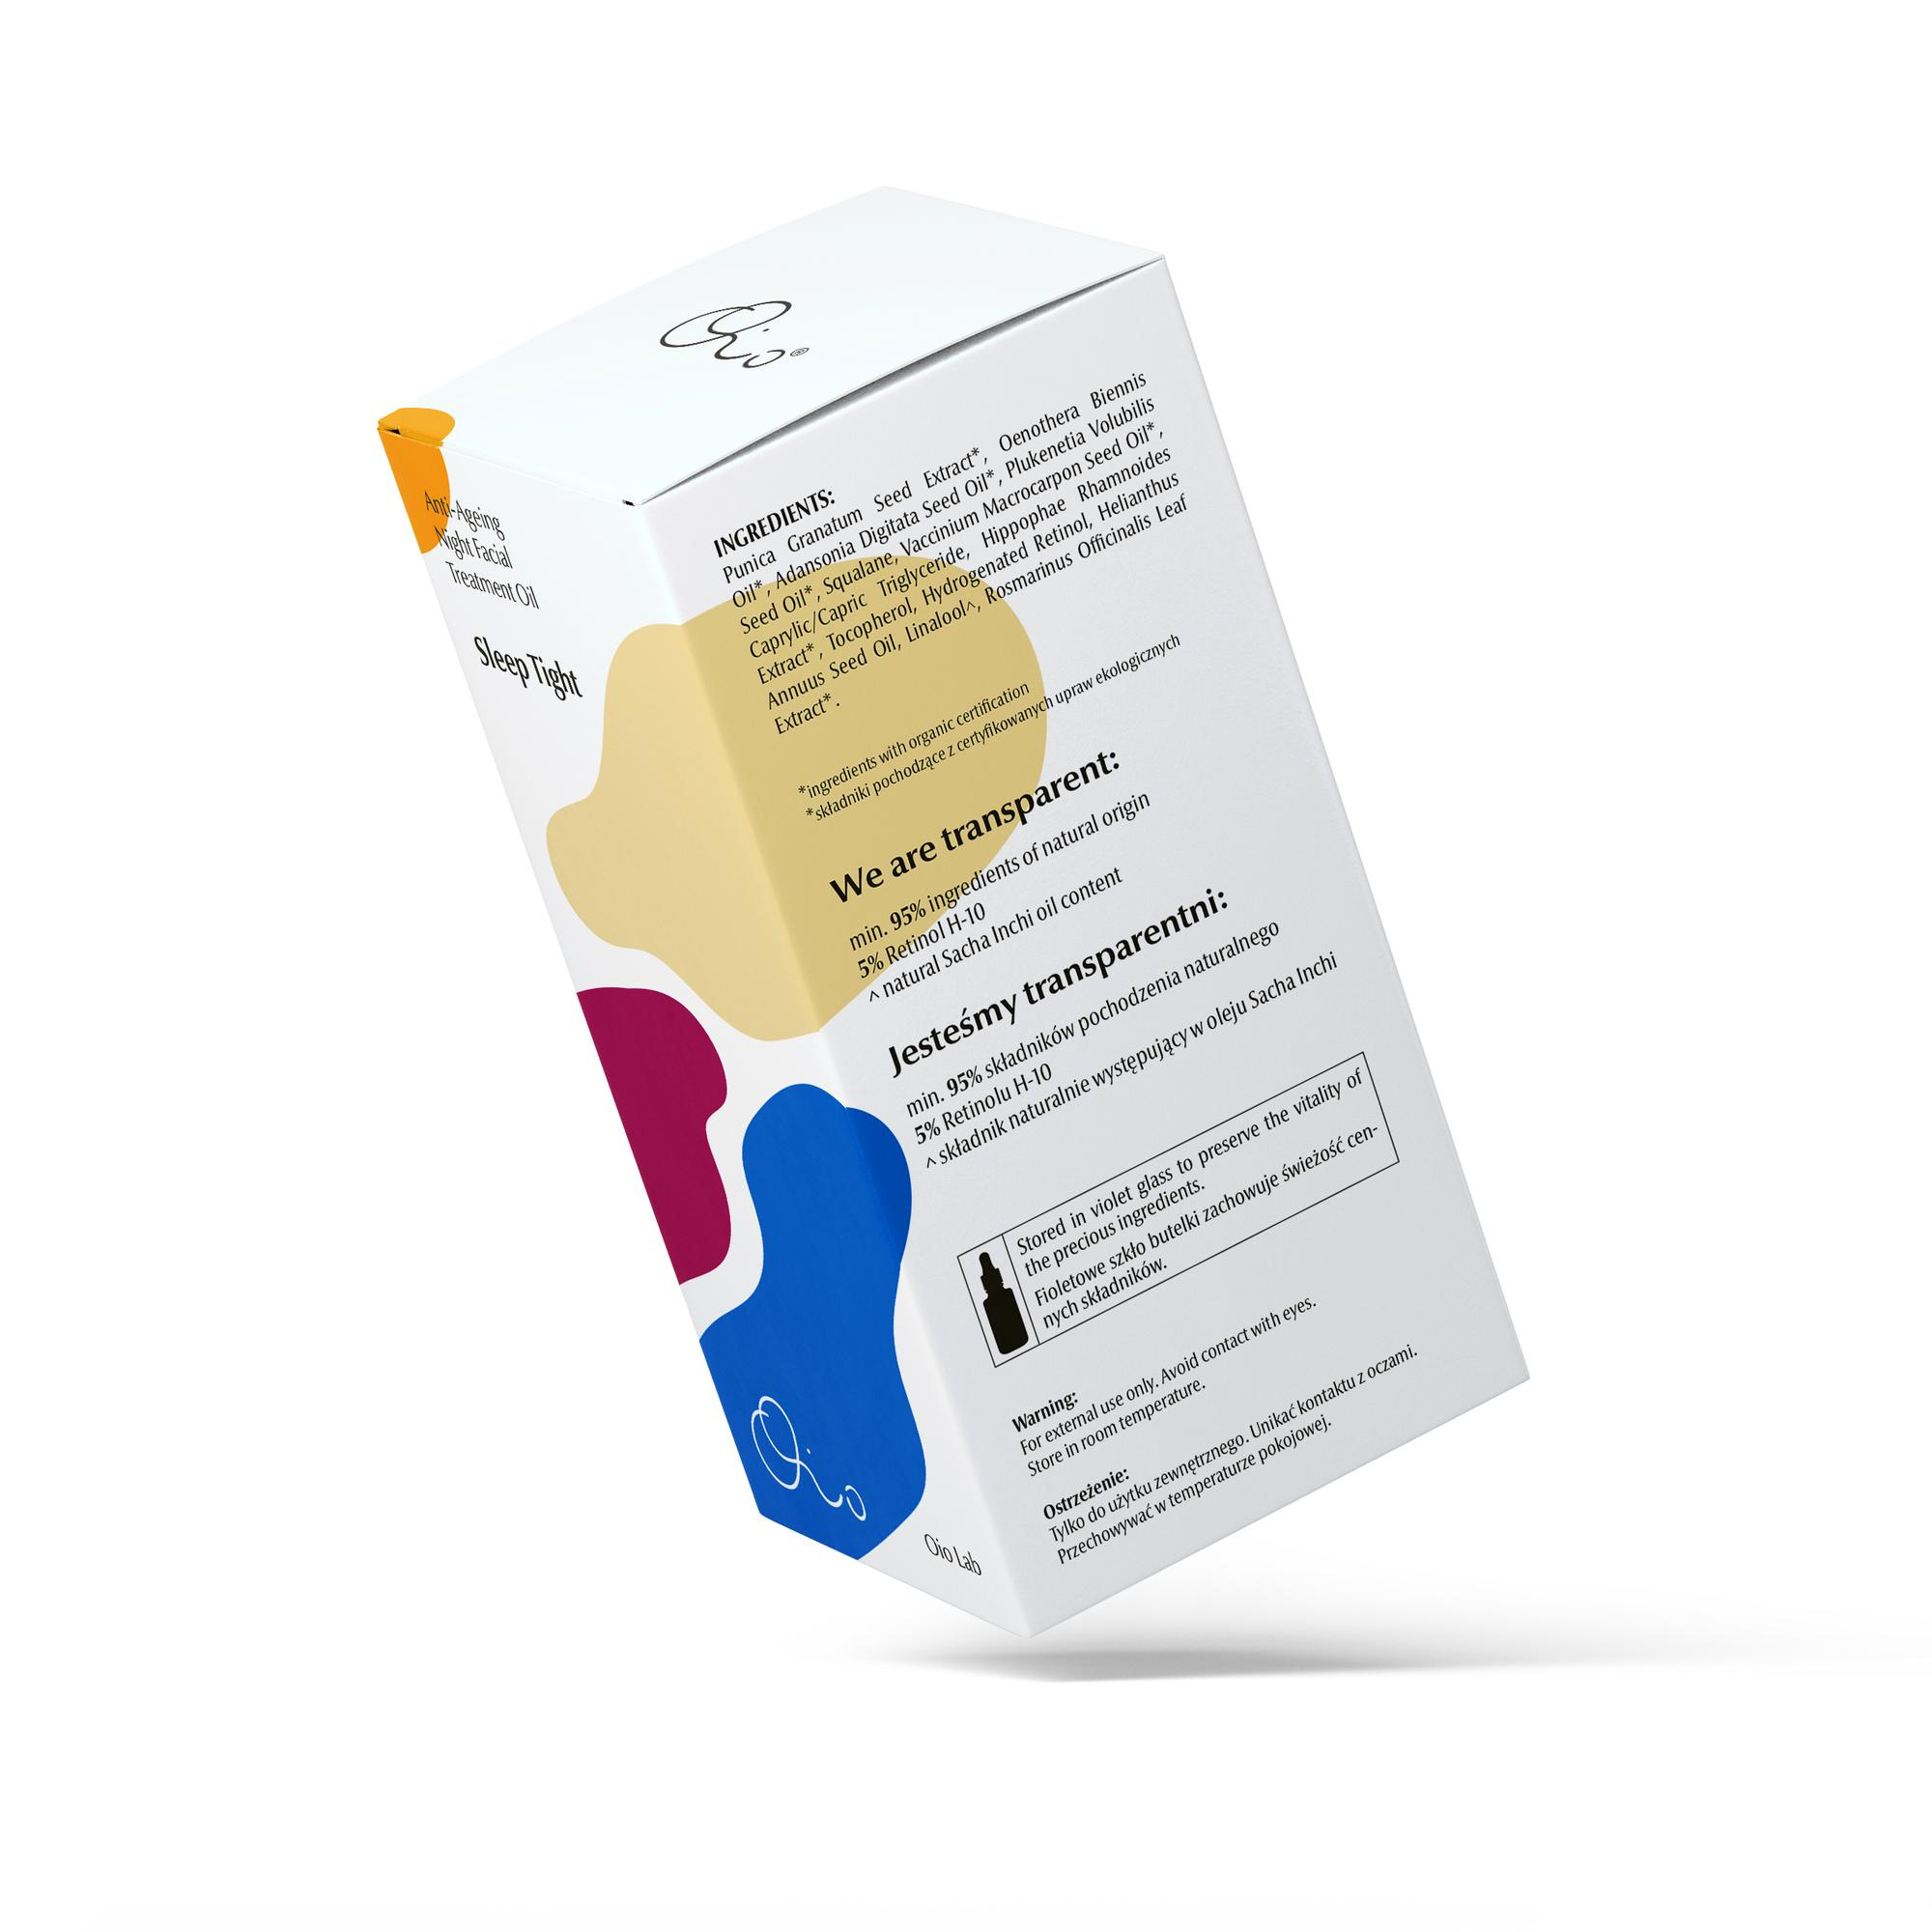 Sleep Tight Kuracja Przeciwstarzeniowa Na NocDo Twarzy Połączenie zaawansowanej, stabilnej formy 5% Retinolu H-10, ekstraktów botanicznych i organicznych olejków w nocnej kuracji przeciwstarzeniowej do twarzy. Wysokie stężenie uwodornionego retinolu stymuluje produkcję kwasu hialuronowego oraz uelastycznia skórę. Olejkowe serum zostało wzbogacone w ekstrakty z pestek granatu i owoców rokitnika otrzymywanych zaawansowanymi metodami*. Kuracja zawiera organiczne, tłoczone na zimno oleje z nasion żurawiny, wiesiołka, baobabu i Sacha Inchi oraz wspomaga naturalne procesy regeneracyjne skóry. Serum-eliksir nadaje zdrowy koloryt, uelastycznia i przeciwdziała oznakom starzenia się Twojej skóry. *pozyskane za pomocą ekstrakcji nadkrytycznym dwutlenkiem węgla (CO₂) Kuracja przeznaczona jest dla każdego typu skóry, szczególnie z widocznymi oznakami starzenia się. Pojemność: 30 ml Jesteśmy transparentni:99,5% składników pochodzenia naturalnego Kuracja ma naturalny zapach, z wyczuwalną nutą granatu